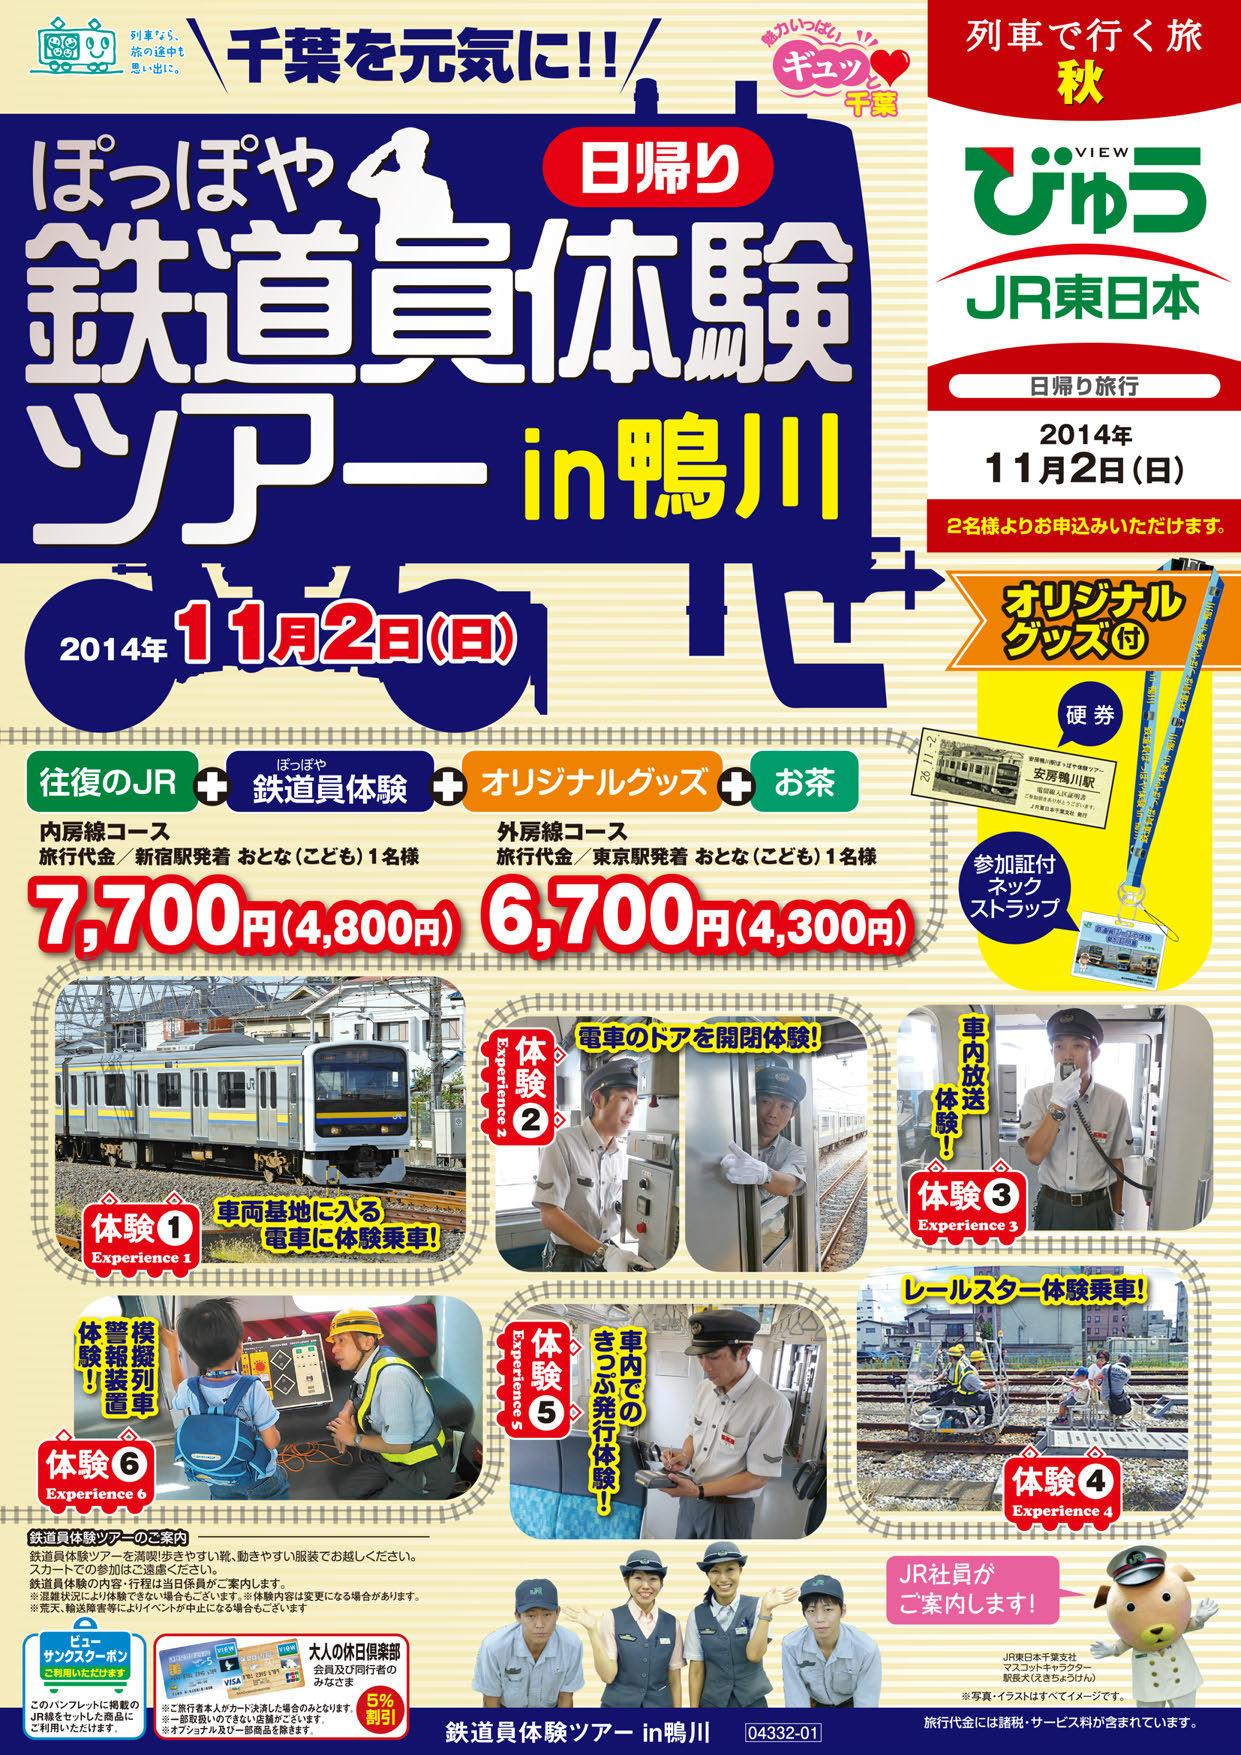 ぽっぽや鉄道員体験ツアー in 鴨川